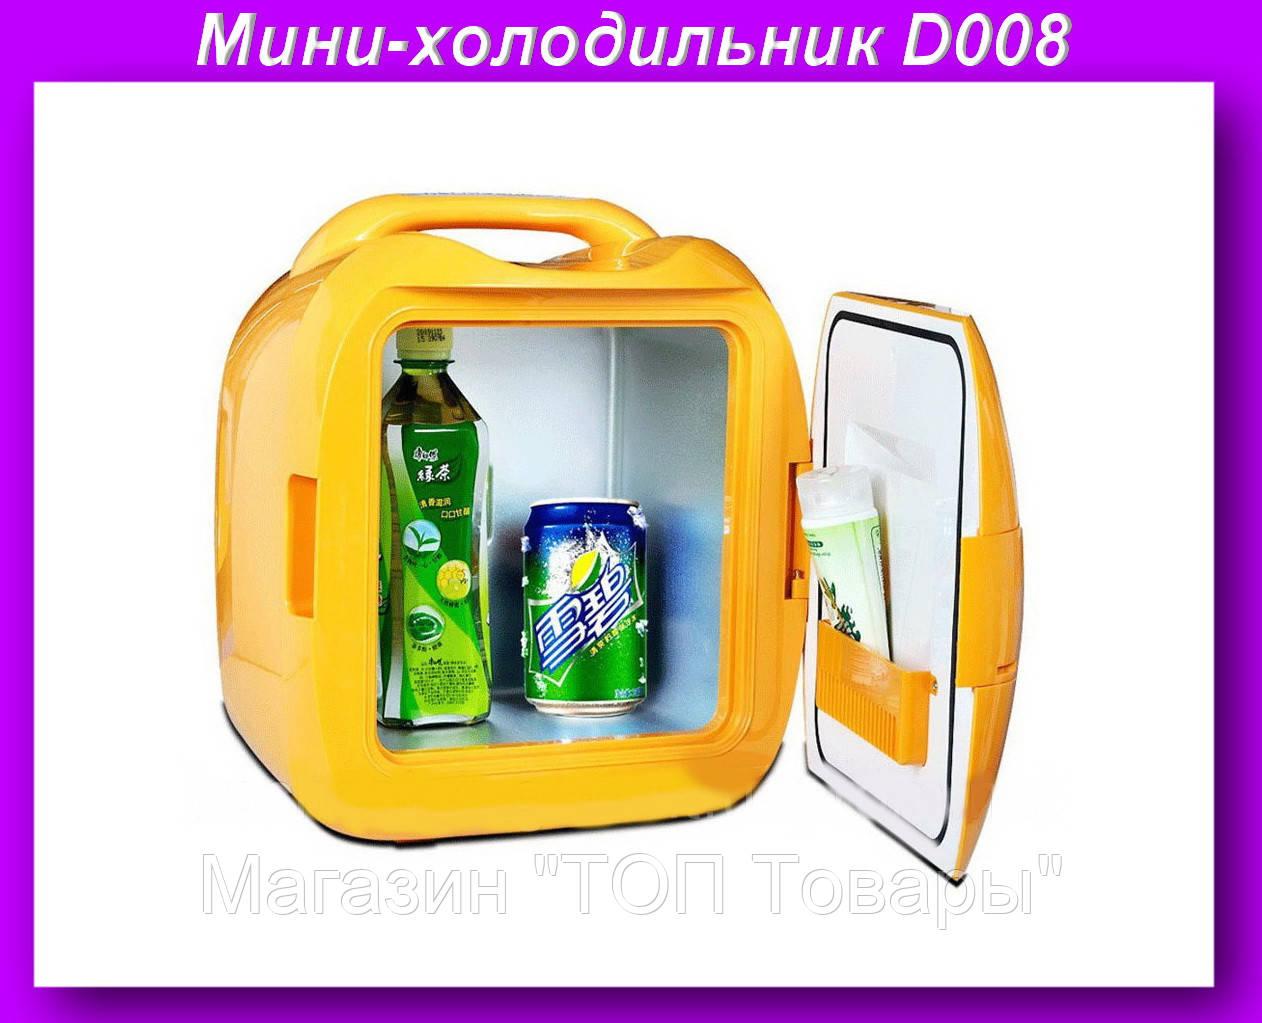 """Мини-холодильник Cong Bao D008,Переносной миниатюрный автомобильный холодильник - Магазин """"ТОП Товары"""" в Одессе"""